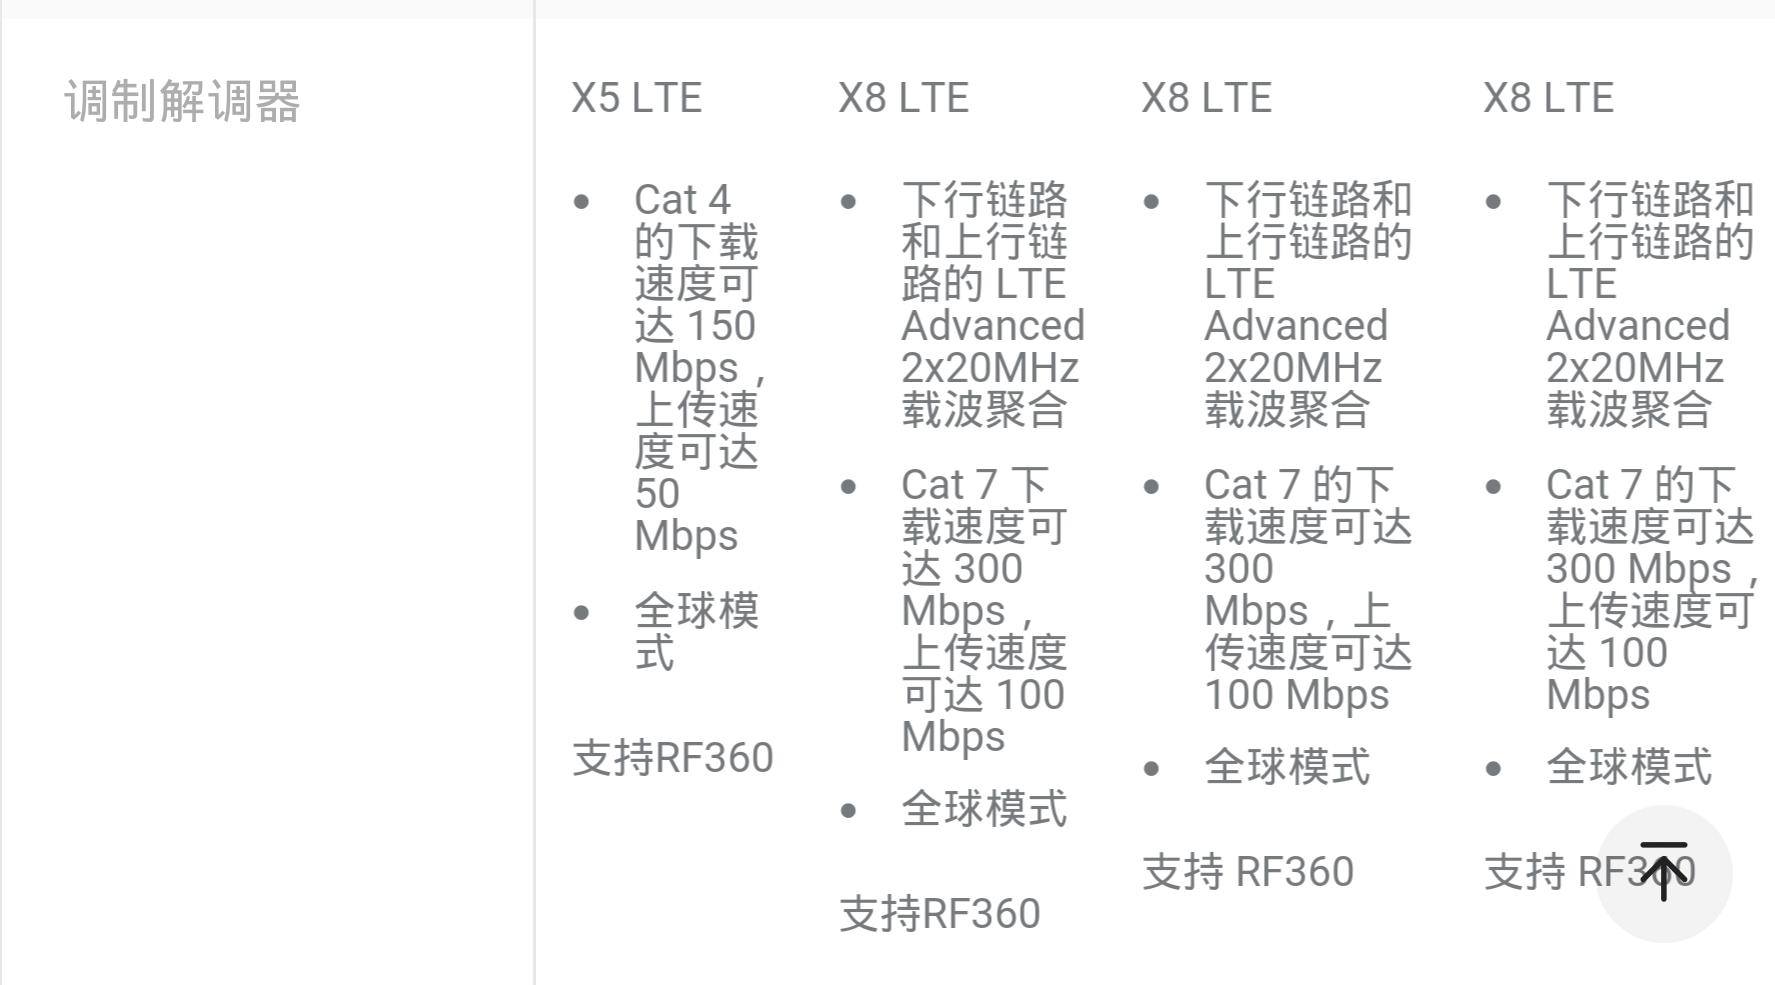 999元骁龙650集成ic的红米notenote3是不是非常值得选购